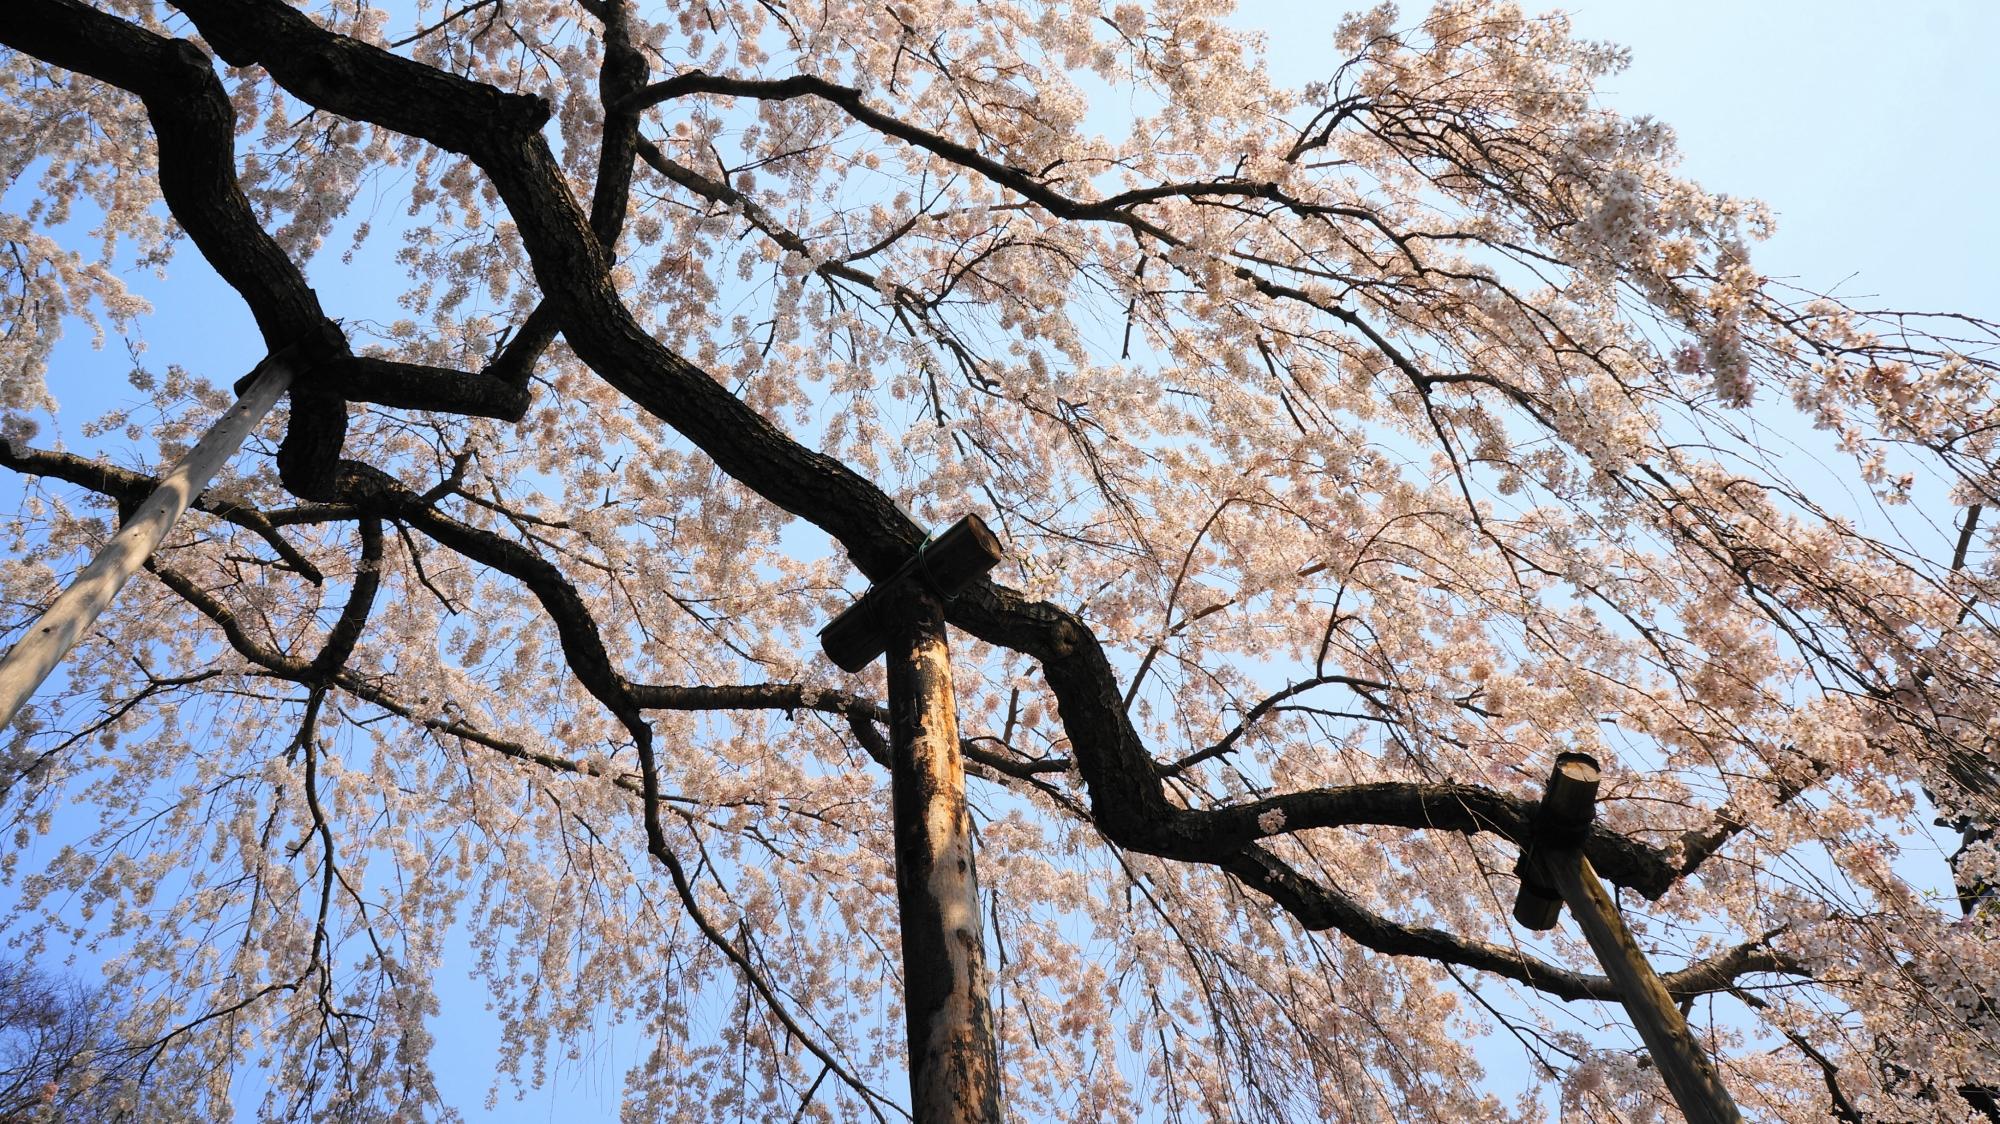 枝を大きく伸ばして咲き誇る桜